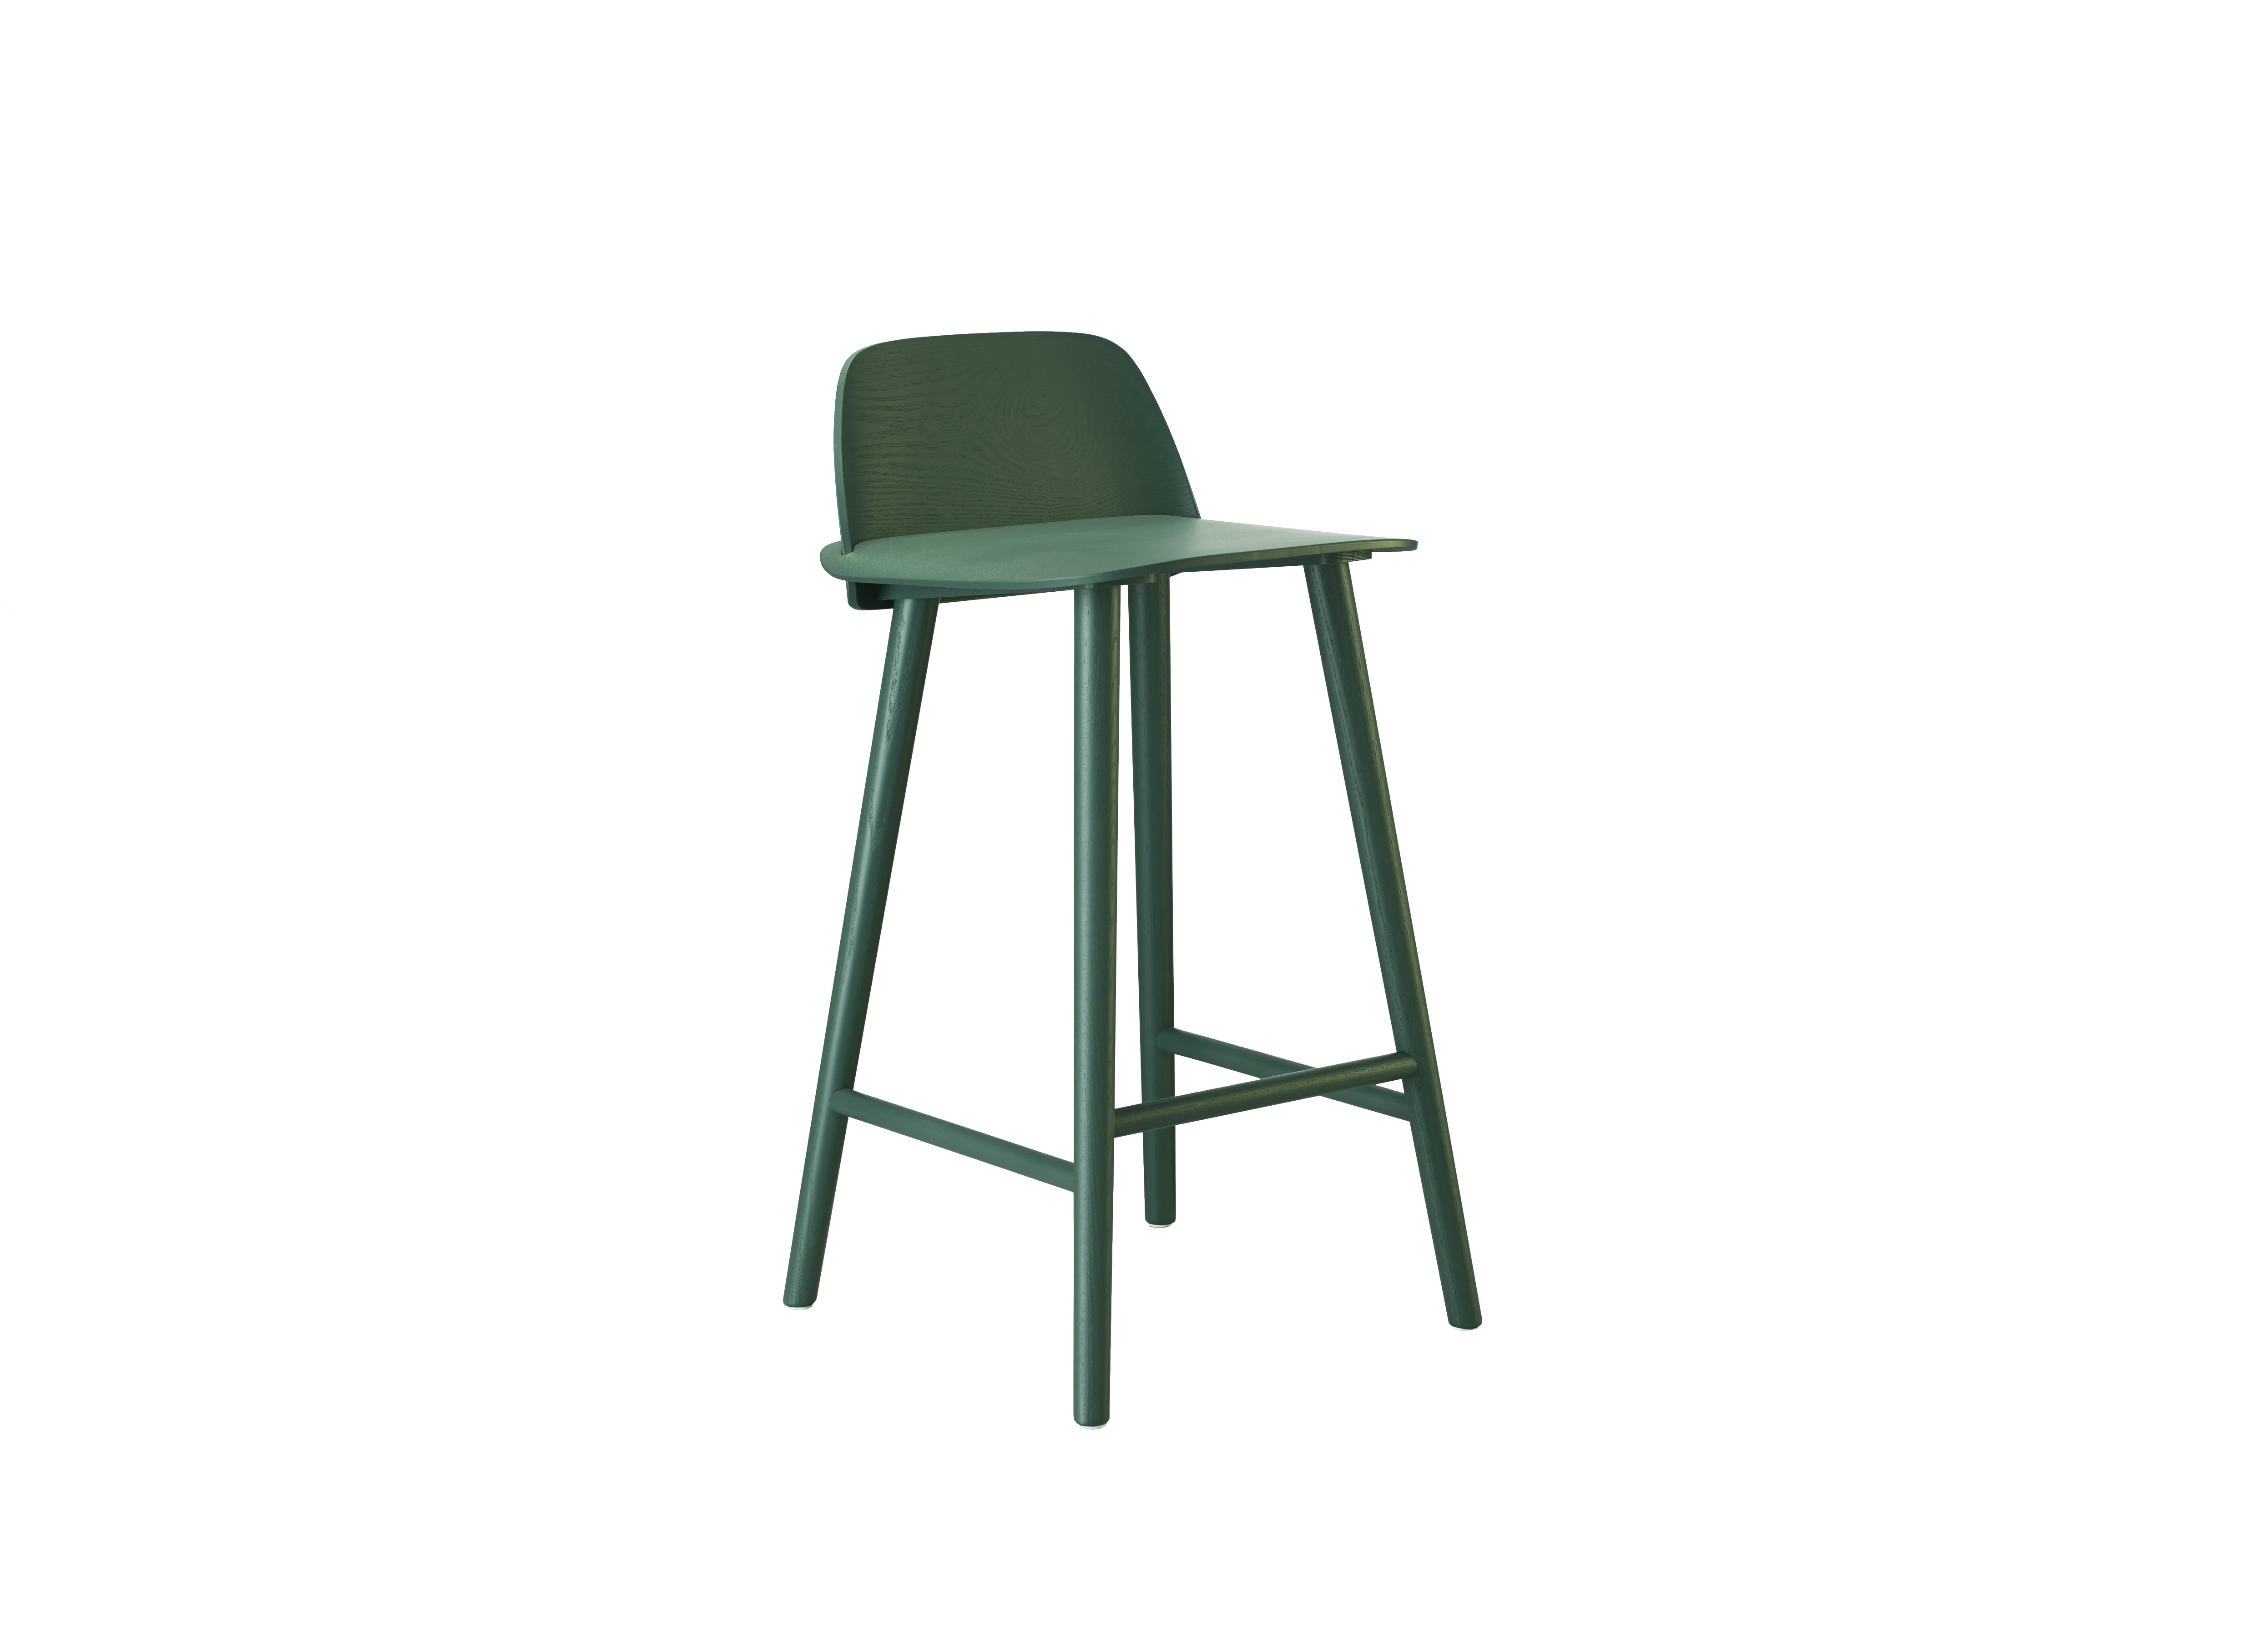 tabouret de bar nerd de muuto vert. Black Bedroom Furniture Sets. Home Design Ideas